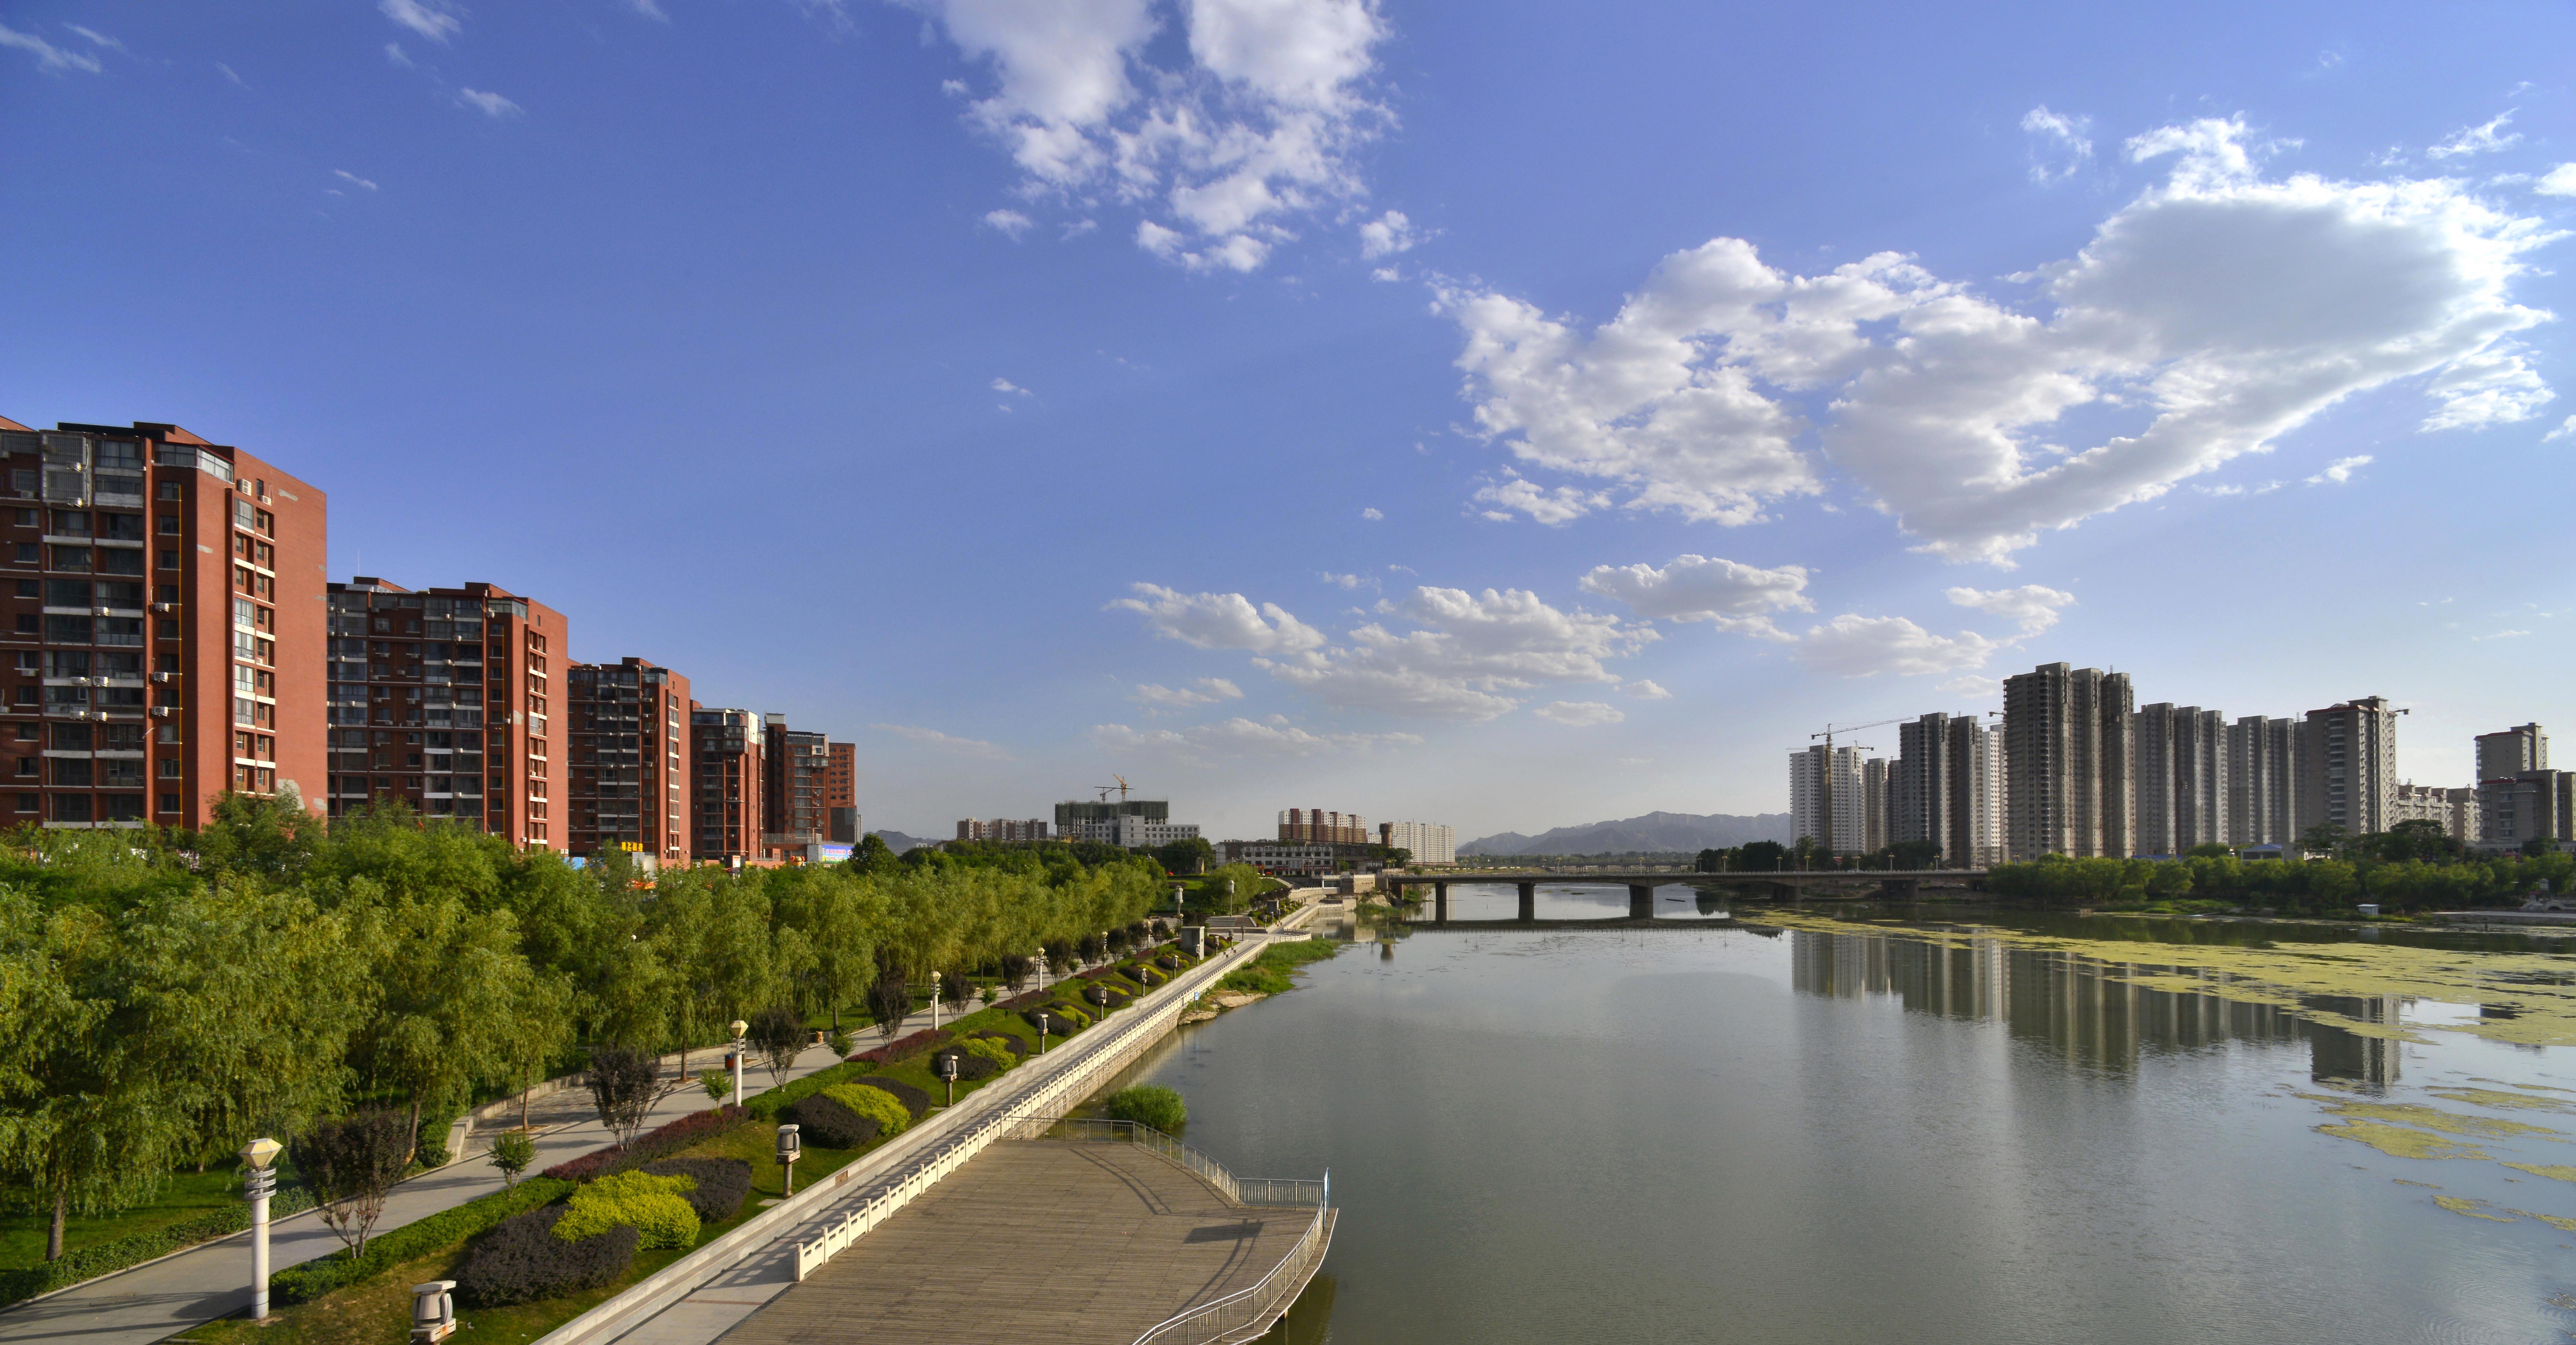 2019年河(he)北PM2.5下降5.8% 大�赓|(zhi)量(liang)��6年�碜詈�